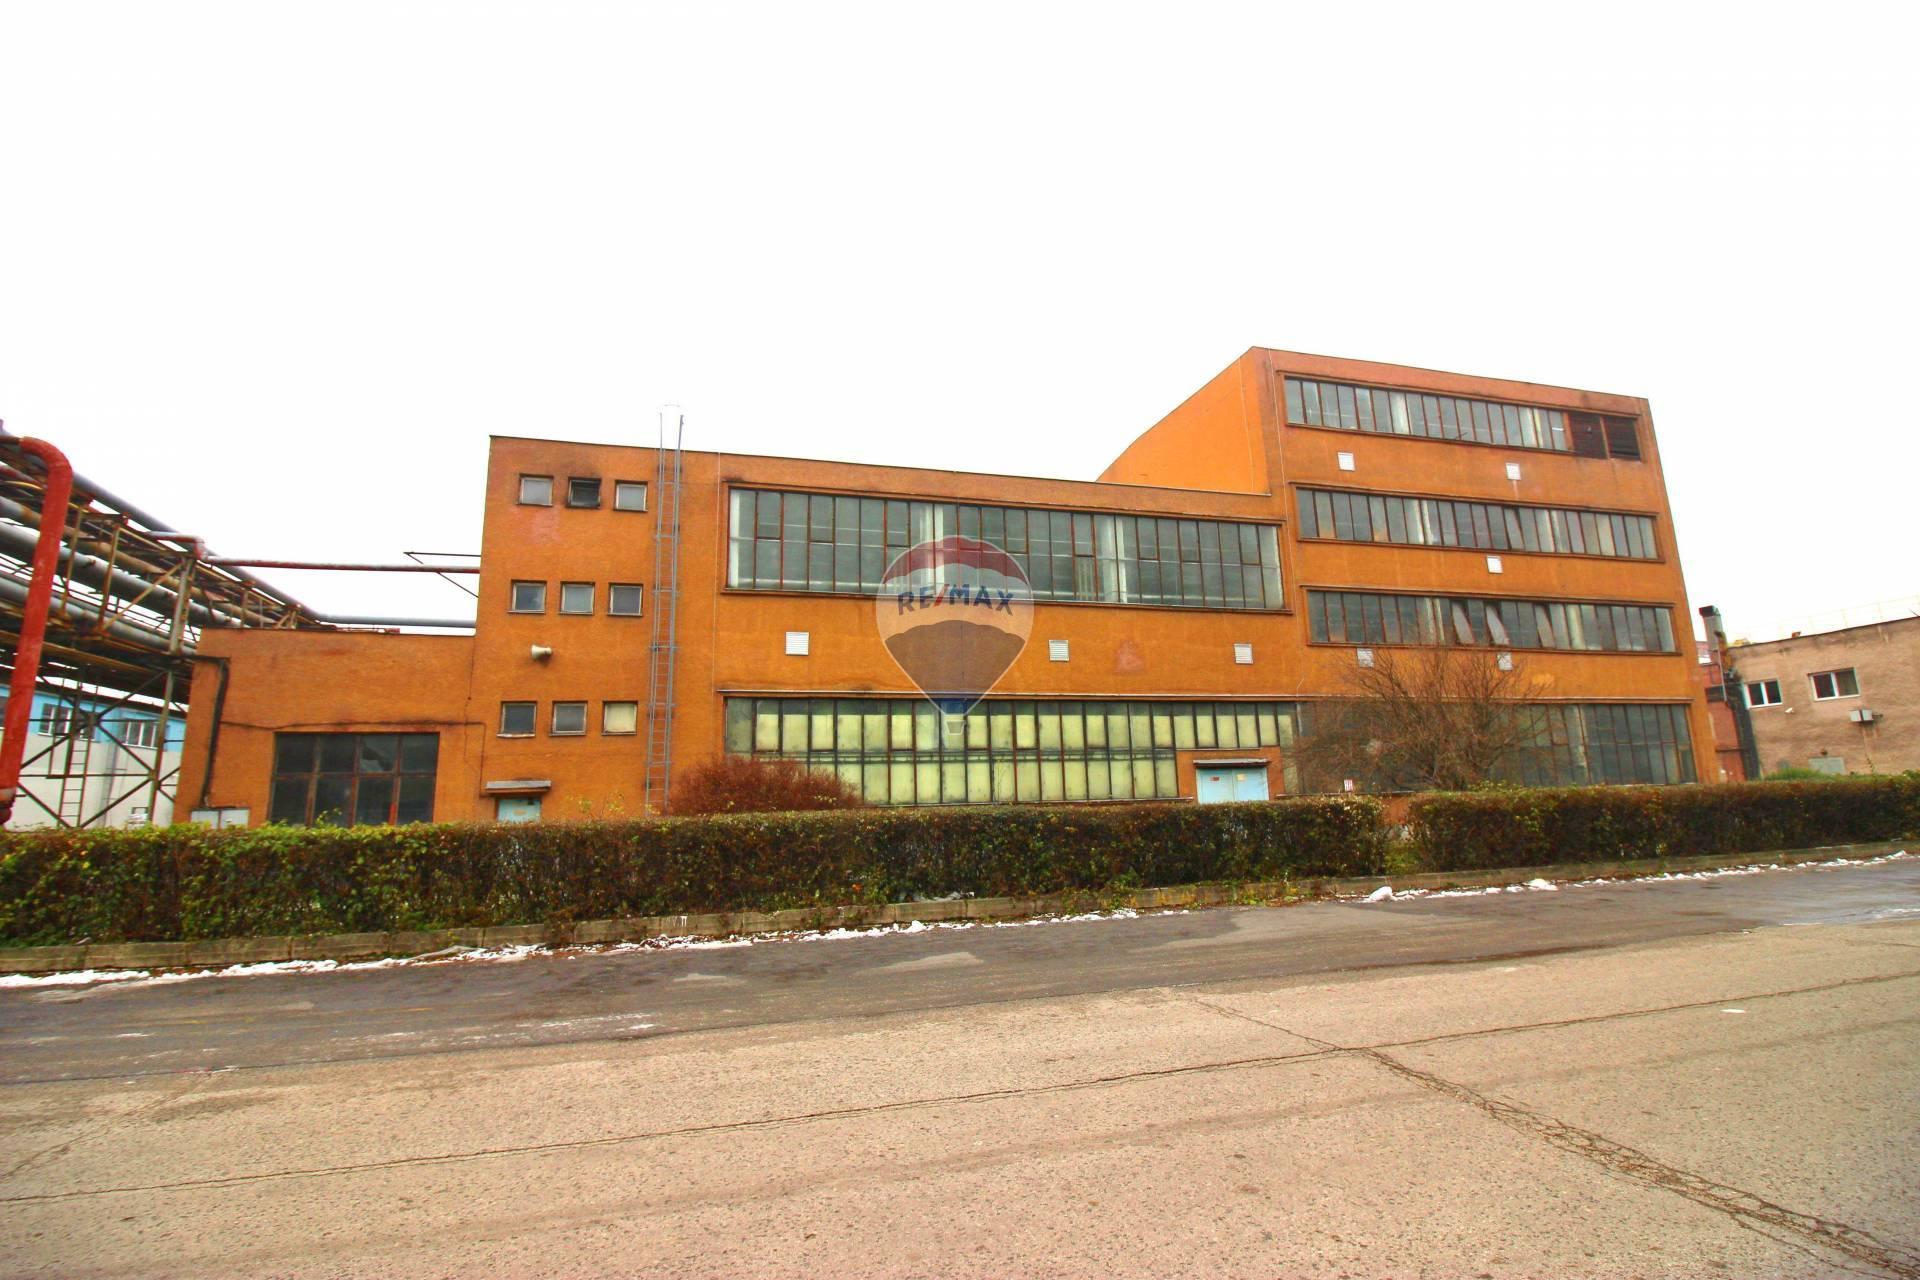 PREDAJ komerčný objekt priemyselná budova olejosyntetika v Smoleniciach, Trnava